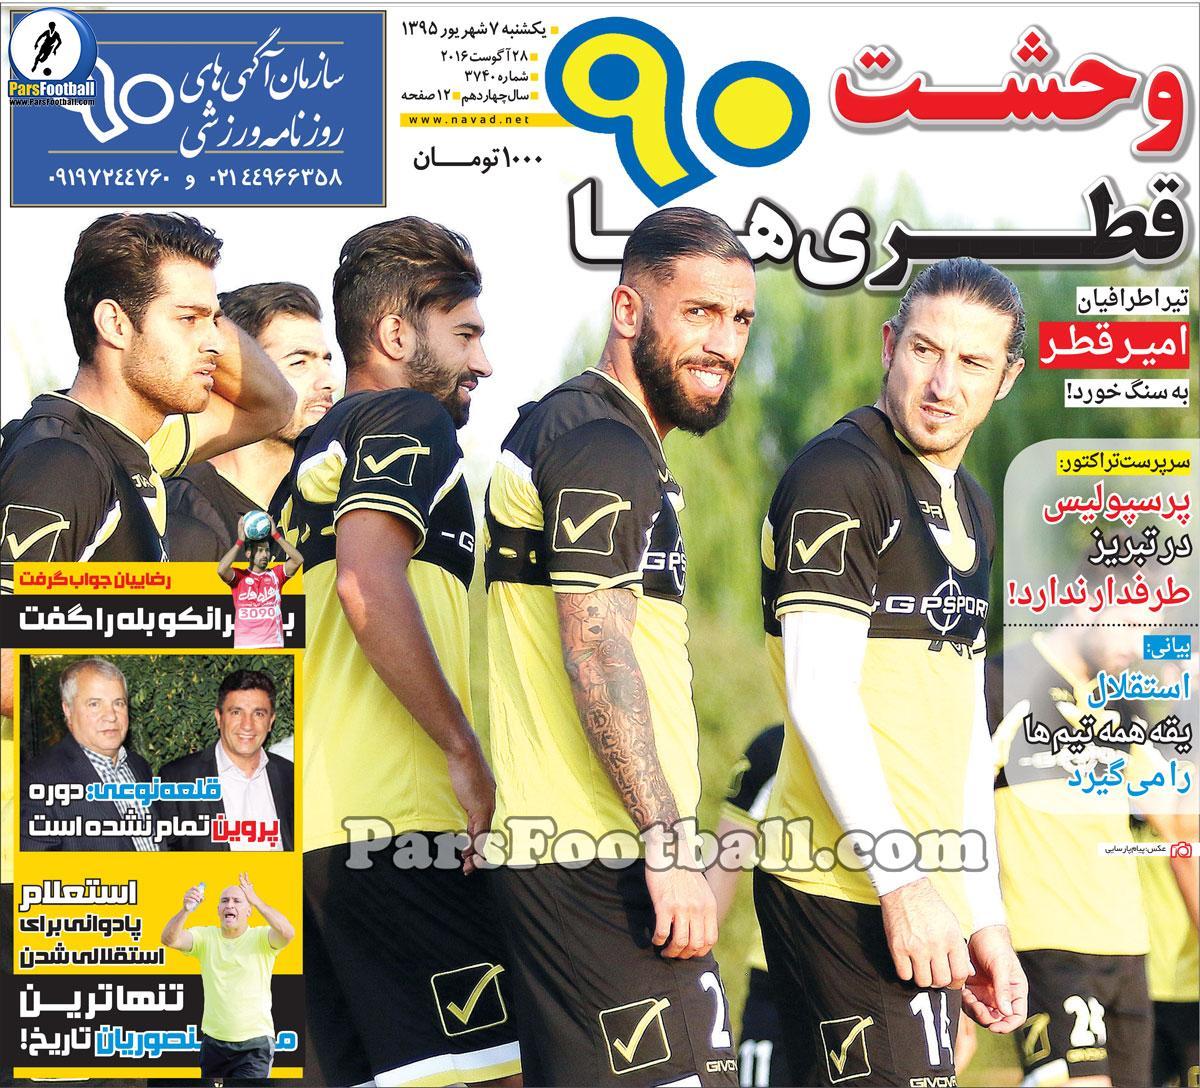 روزنامه نود یکشنبه 7 شهریور 95